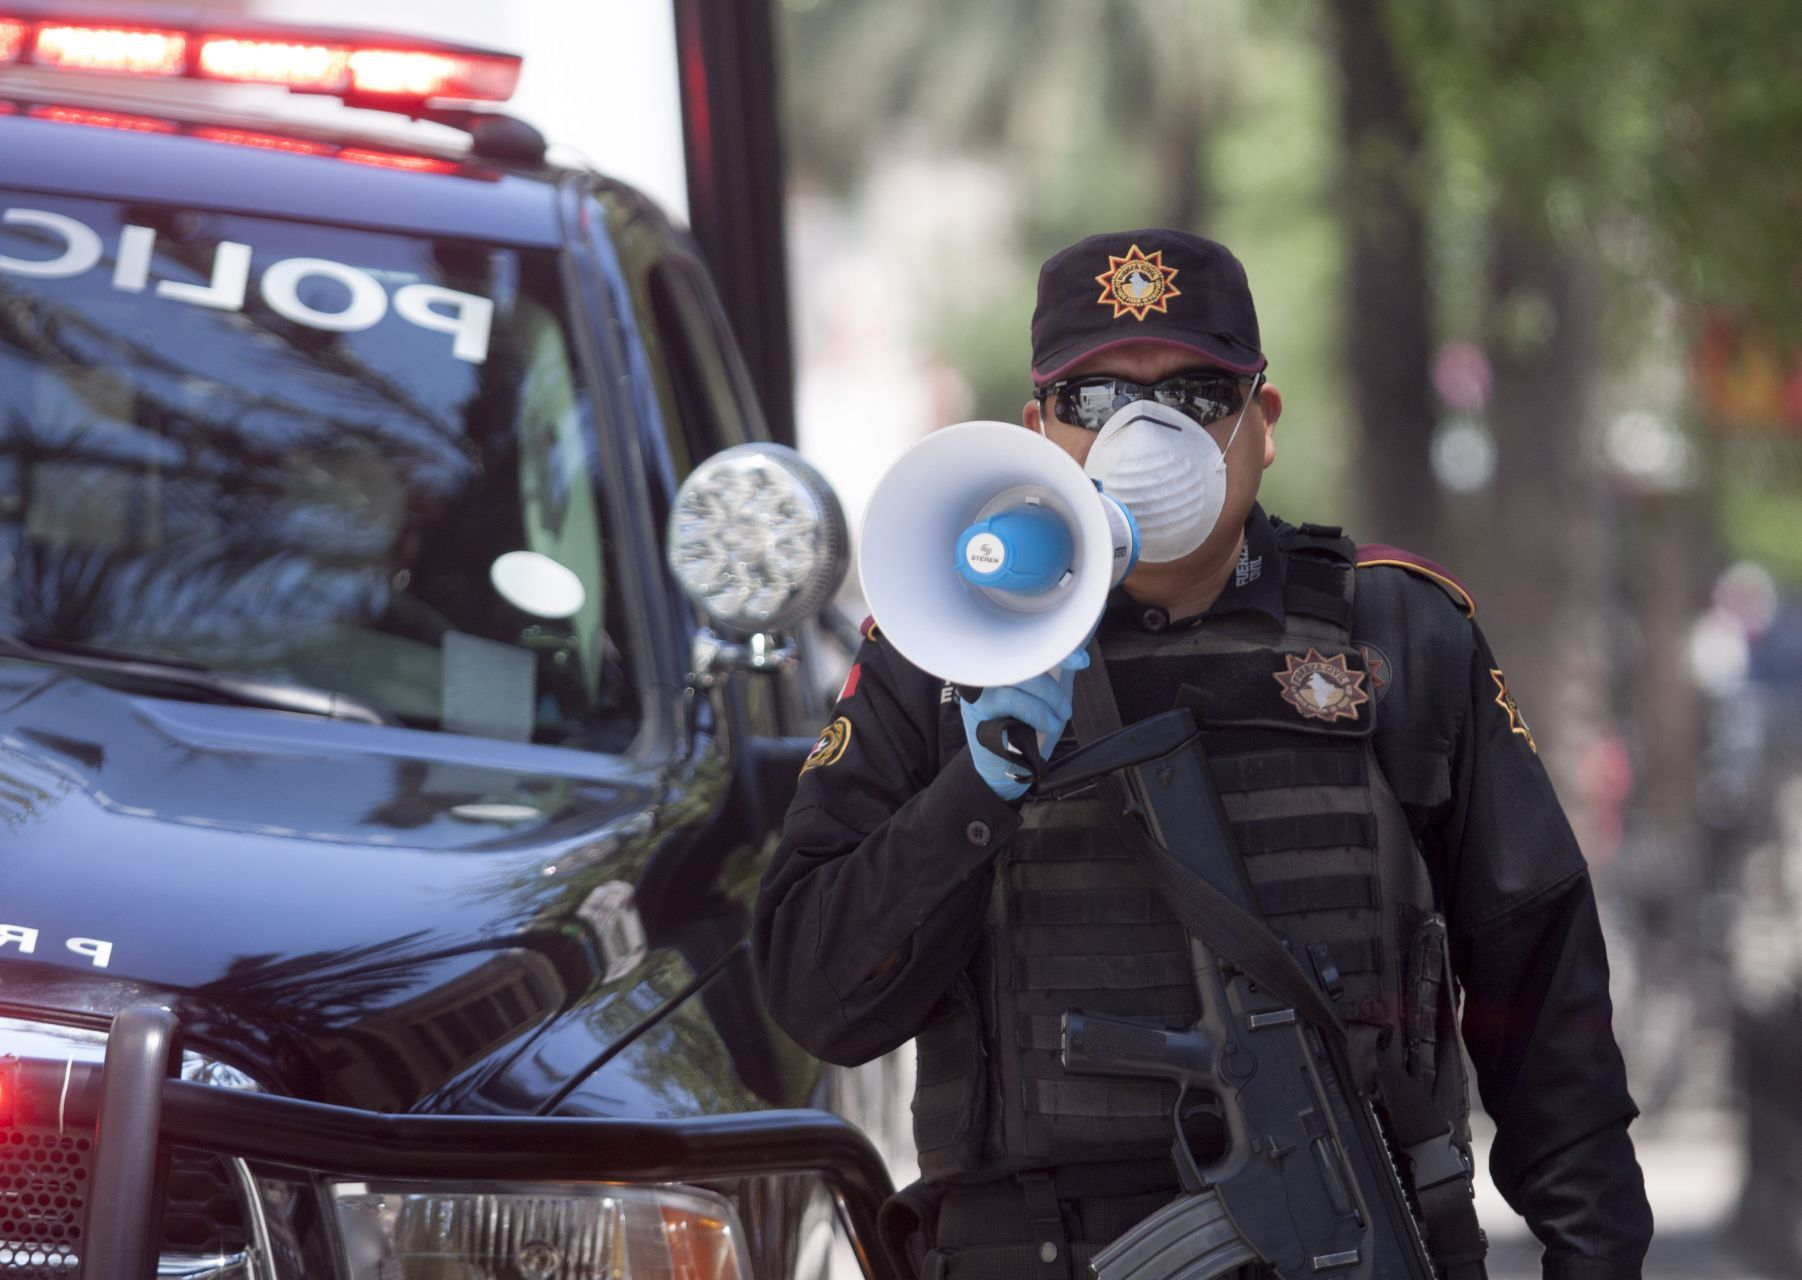 Actividades-Esenciales-Noticias-Definicion-Mexico-Diario-Oficial-Federacion-Cuales-son-COVID-19-No-Esenciales-Economia-Mexicana-Contingencia-Sanitaria, Ciudad de México, 31 de marzo 2020